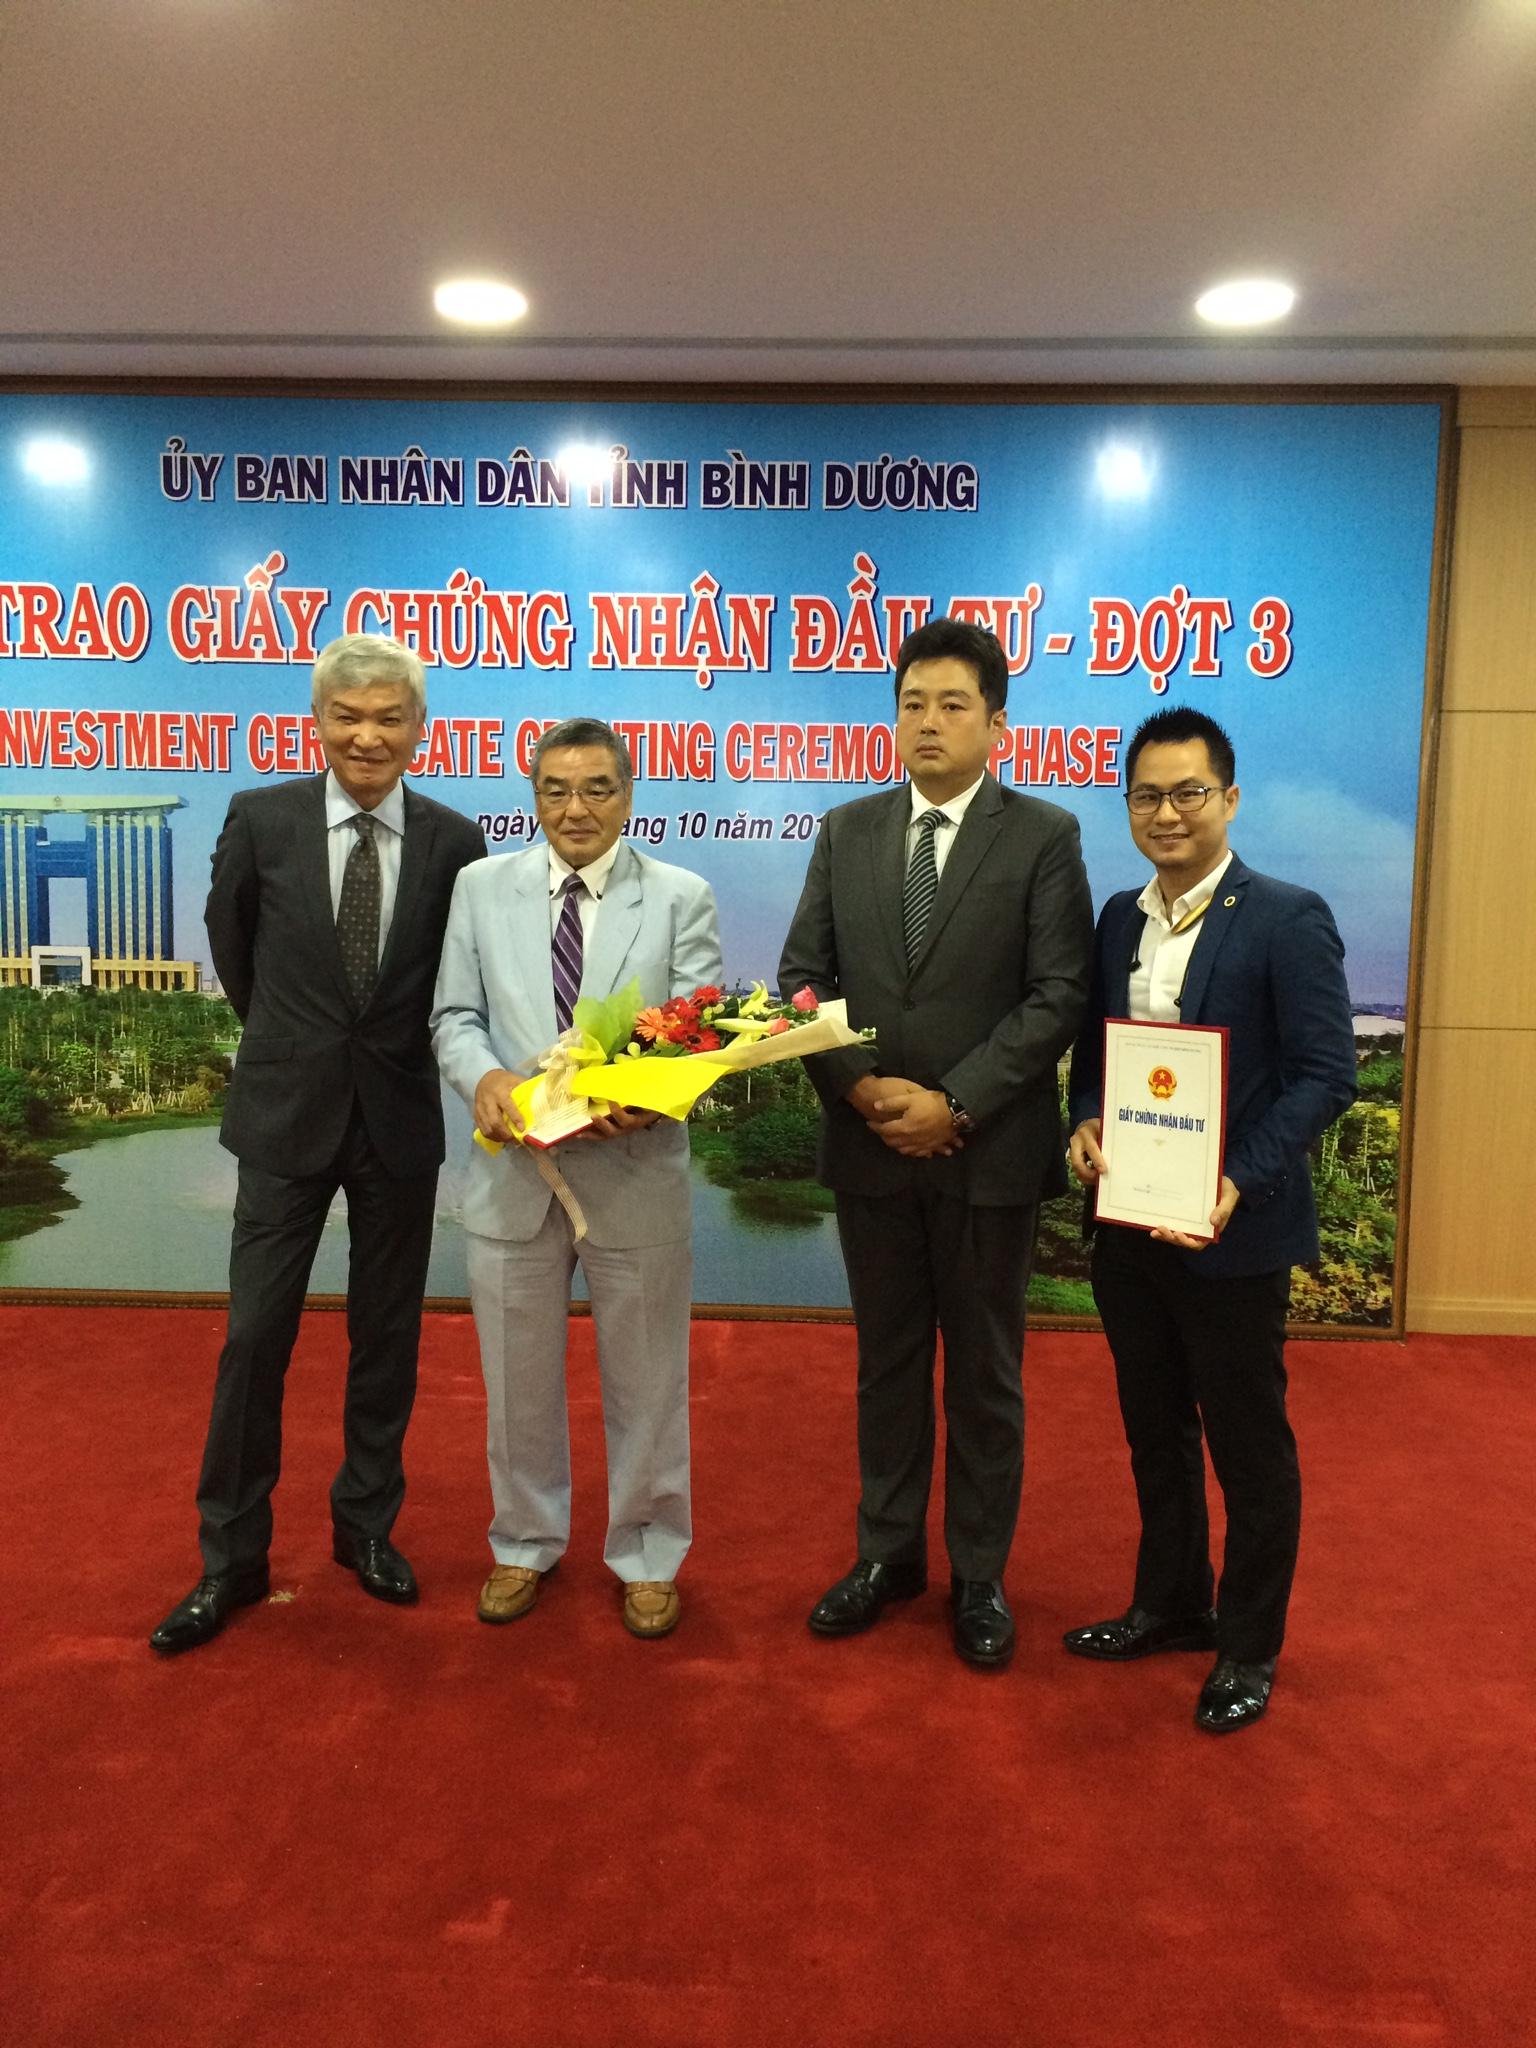 Photo: Luật sư Nguyễn Tiến Hoà nhận giấy chứng nhận đầu tư cùng khách hàng